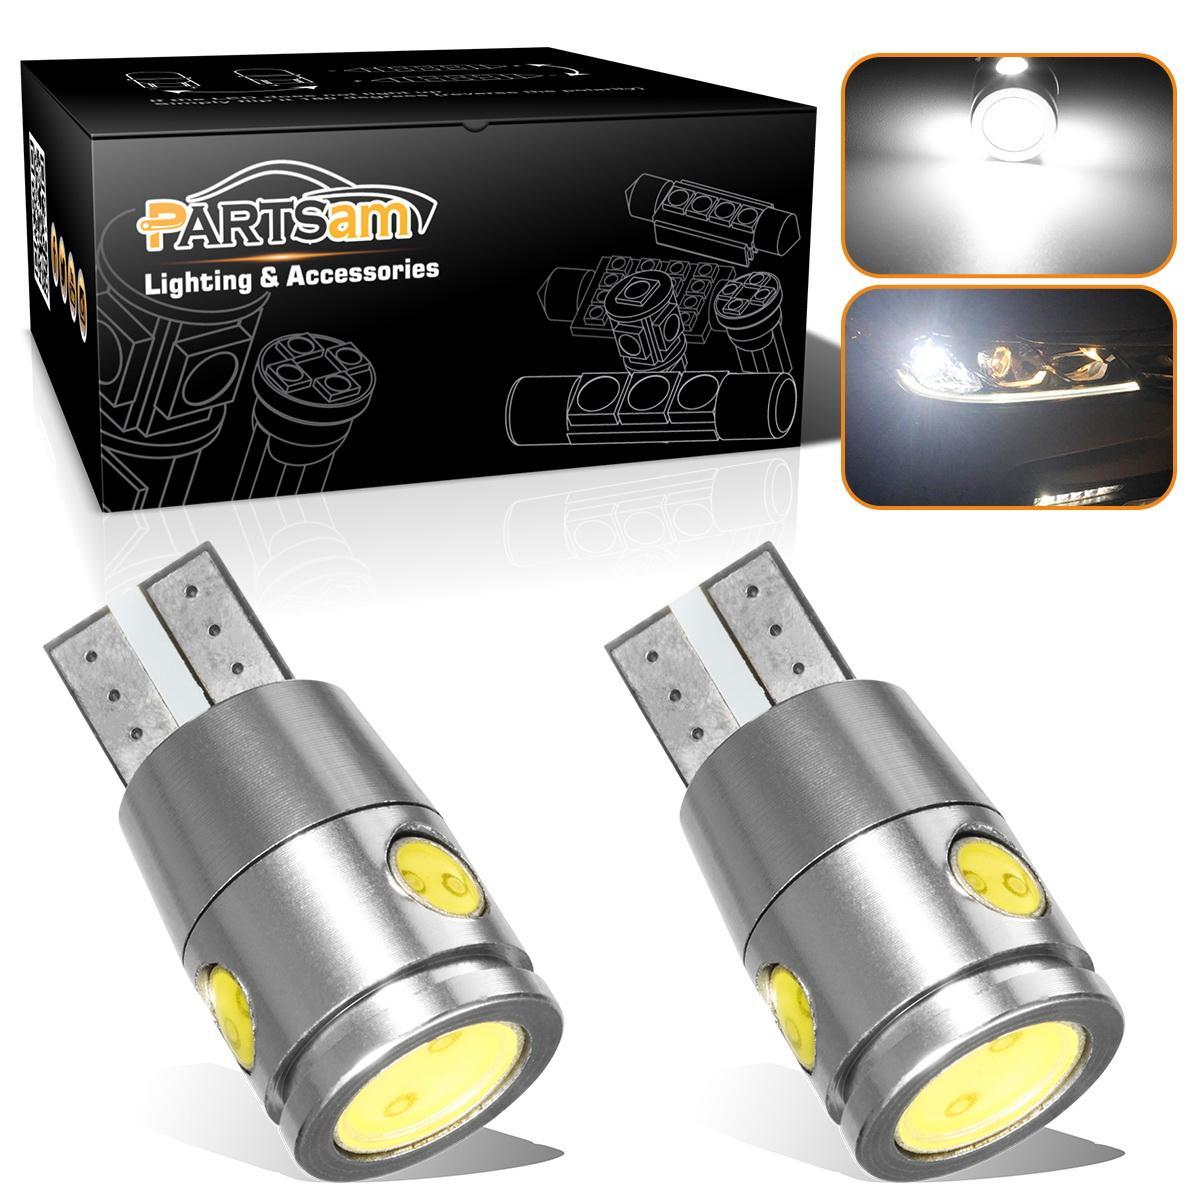 2005 2009 ford mustang 2x hid white 921 led reverse light bulb backup - 2x High Power White Led Bulbs Reverse Backup Light T10 168 192